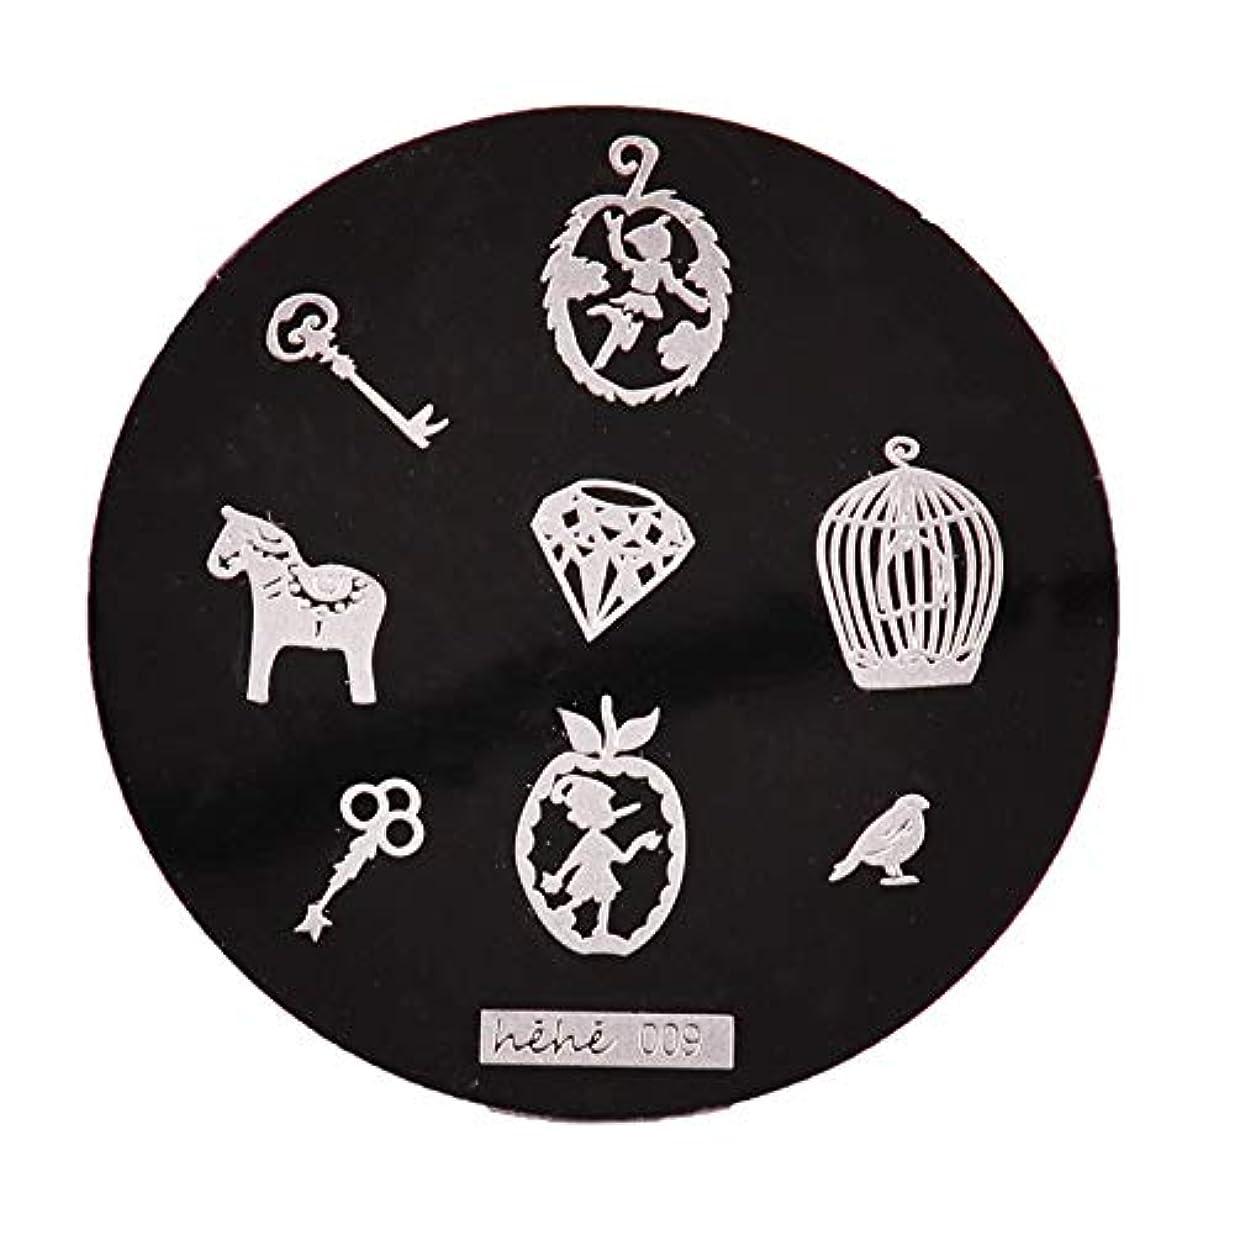 ハンサムに勝るジャンルYoshilimen スマートネイルアートネイル丸板印刷プレート(None 09)